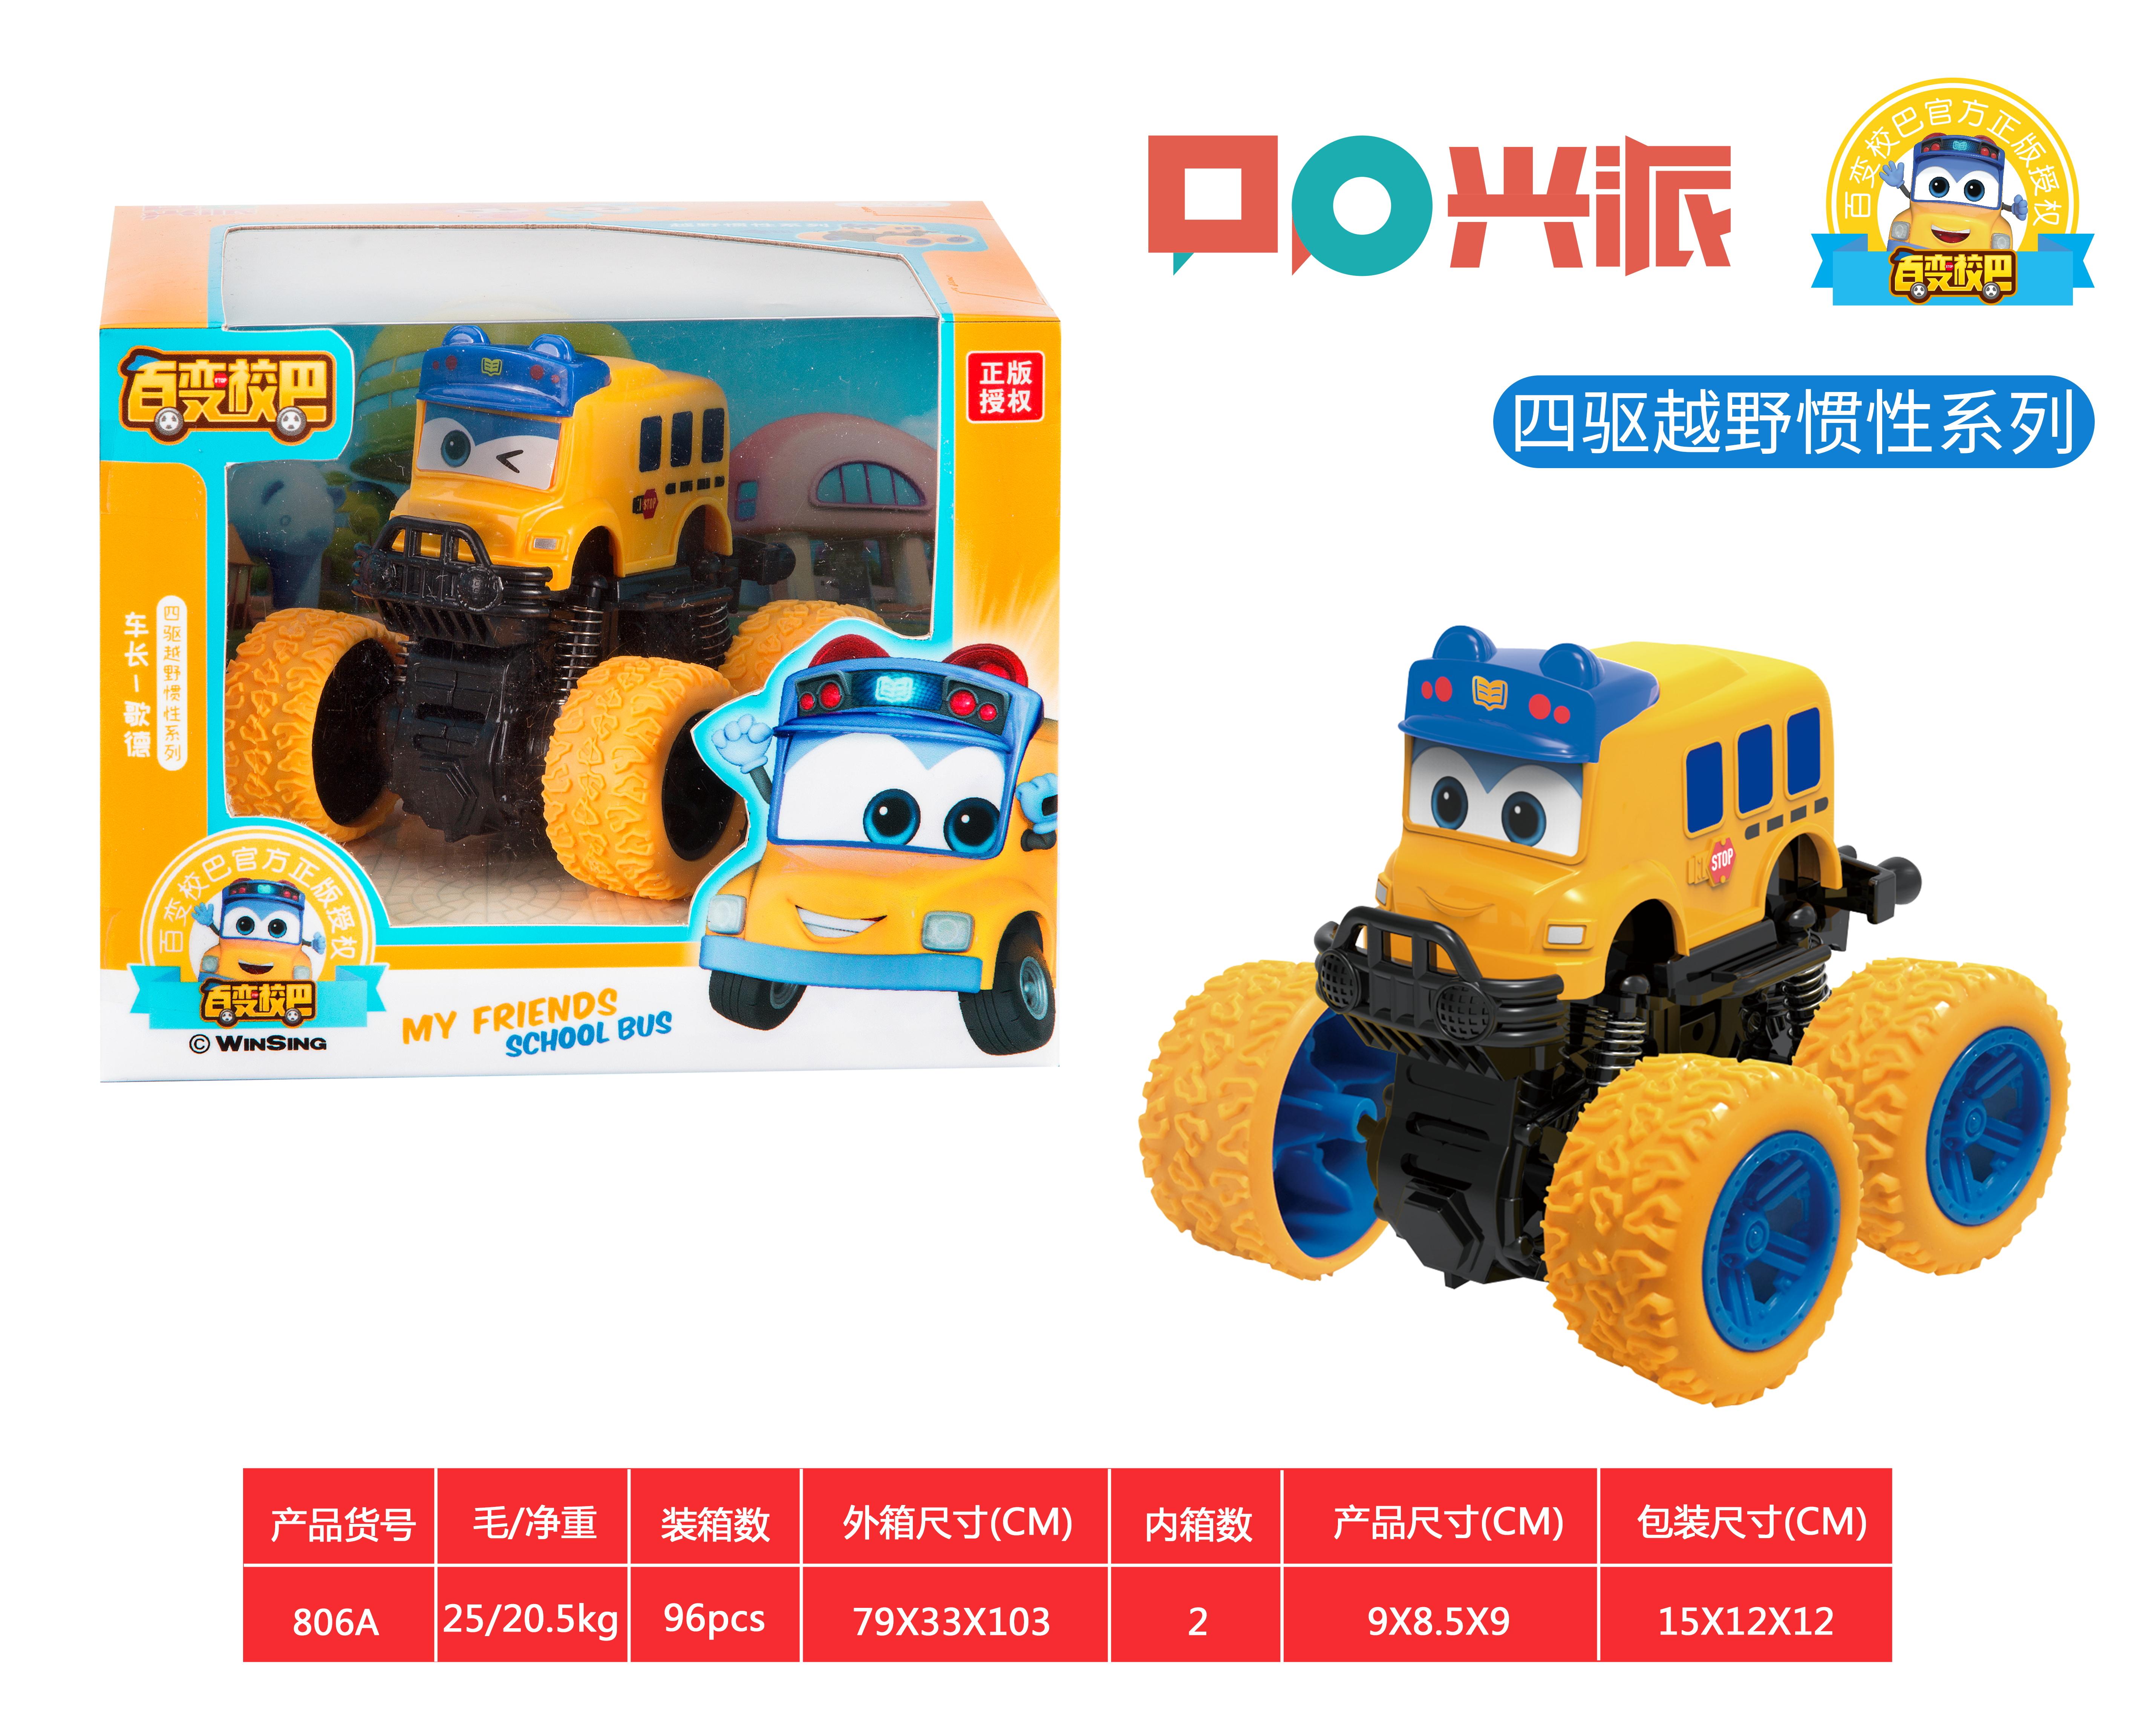 Guangzhou Xingsheng Culture Technology Co.,Ltd